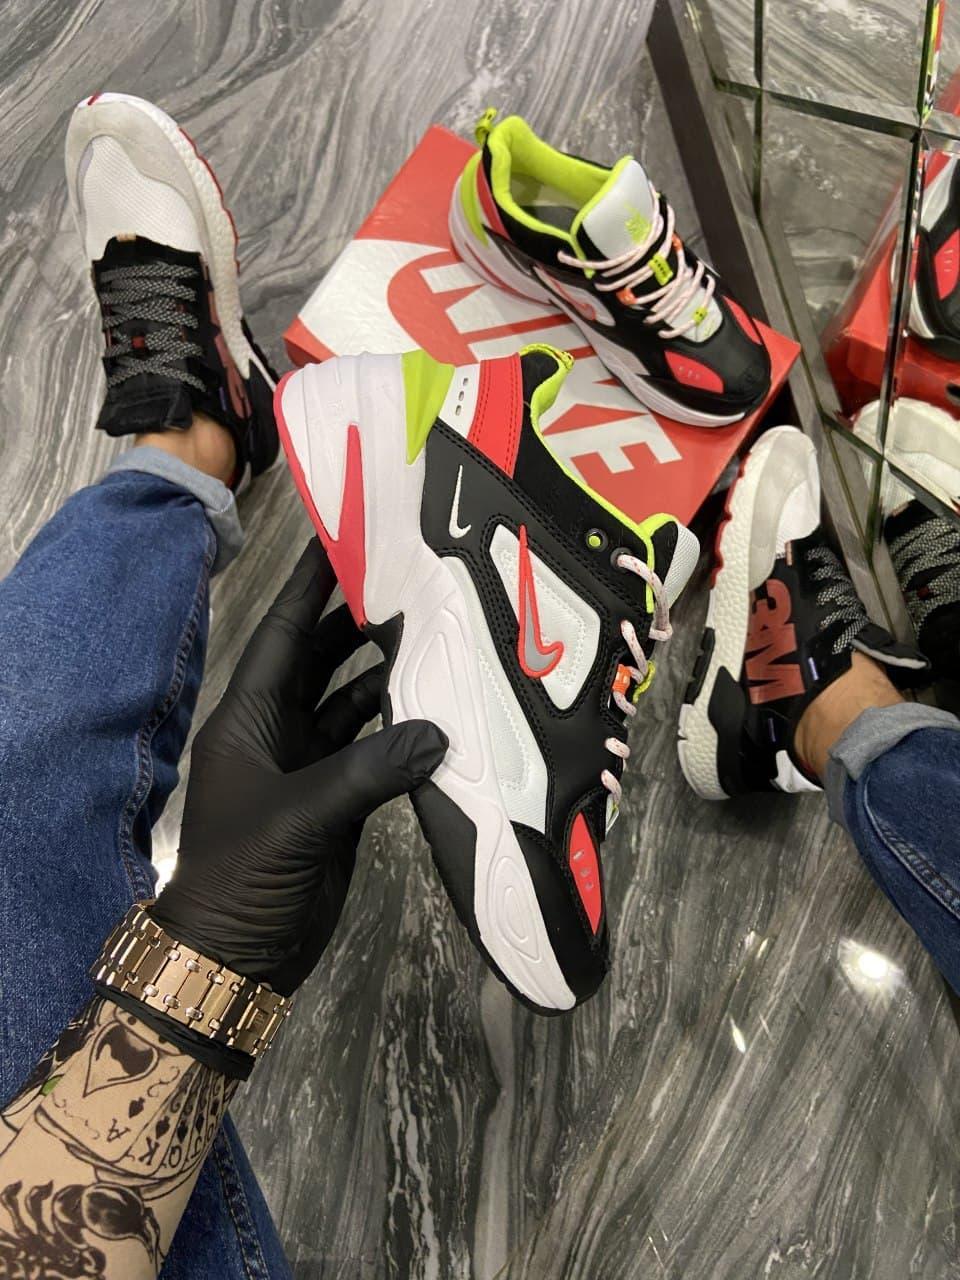 Кроссовки Nike M2K Tekno женские, черного цвета, Найк М2К Текно, женская обувь Найк 39